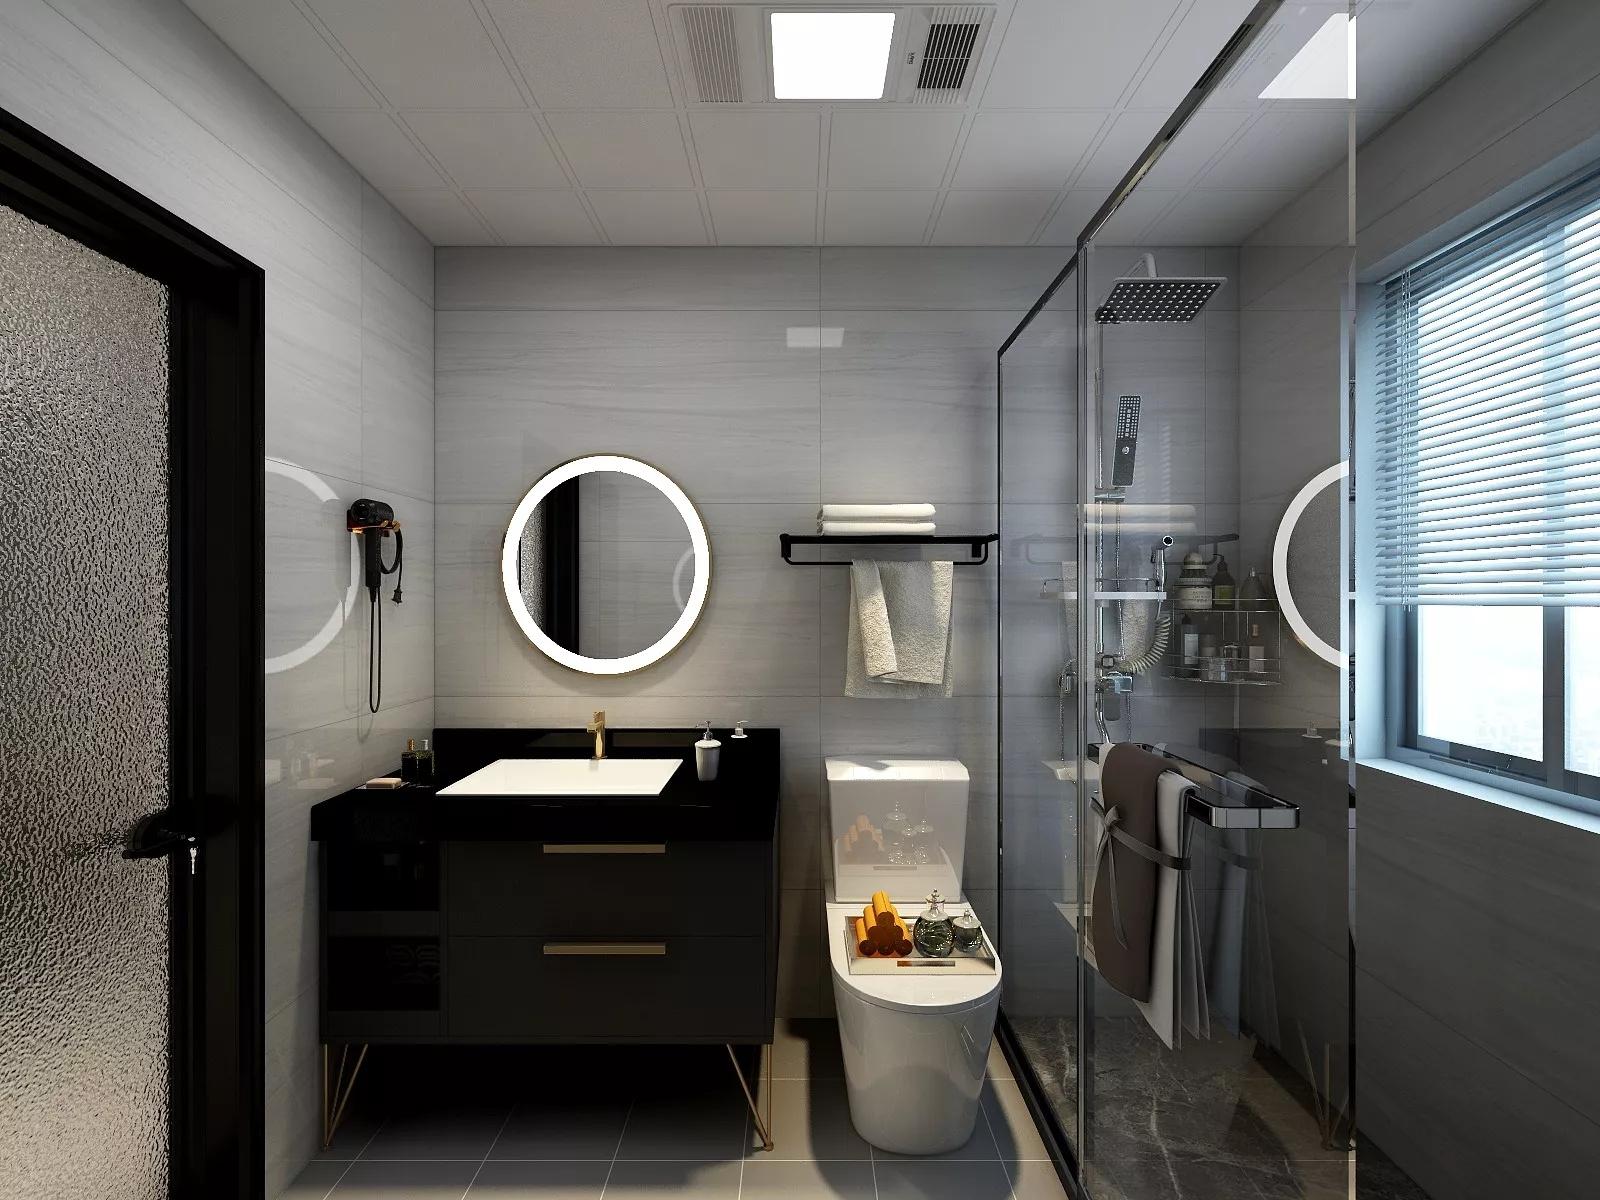 净水方法_沁园净水器如何安装 沁园净水器安装方法_美搭屋装修网